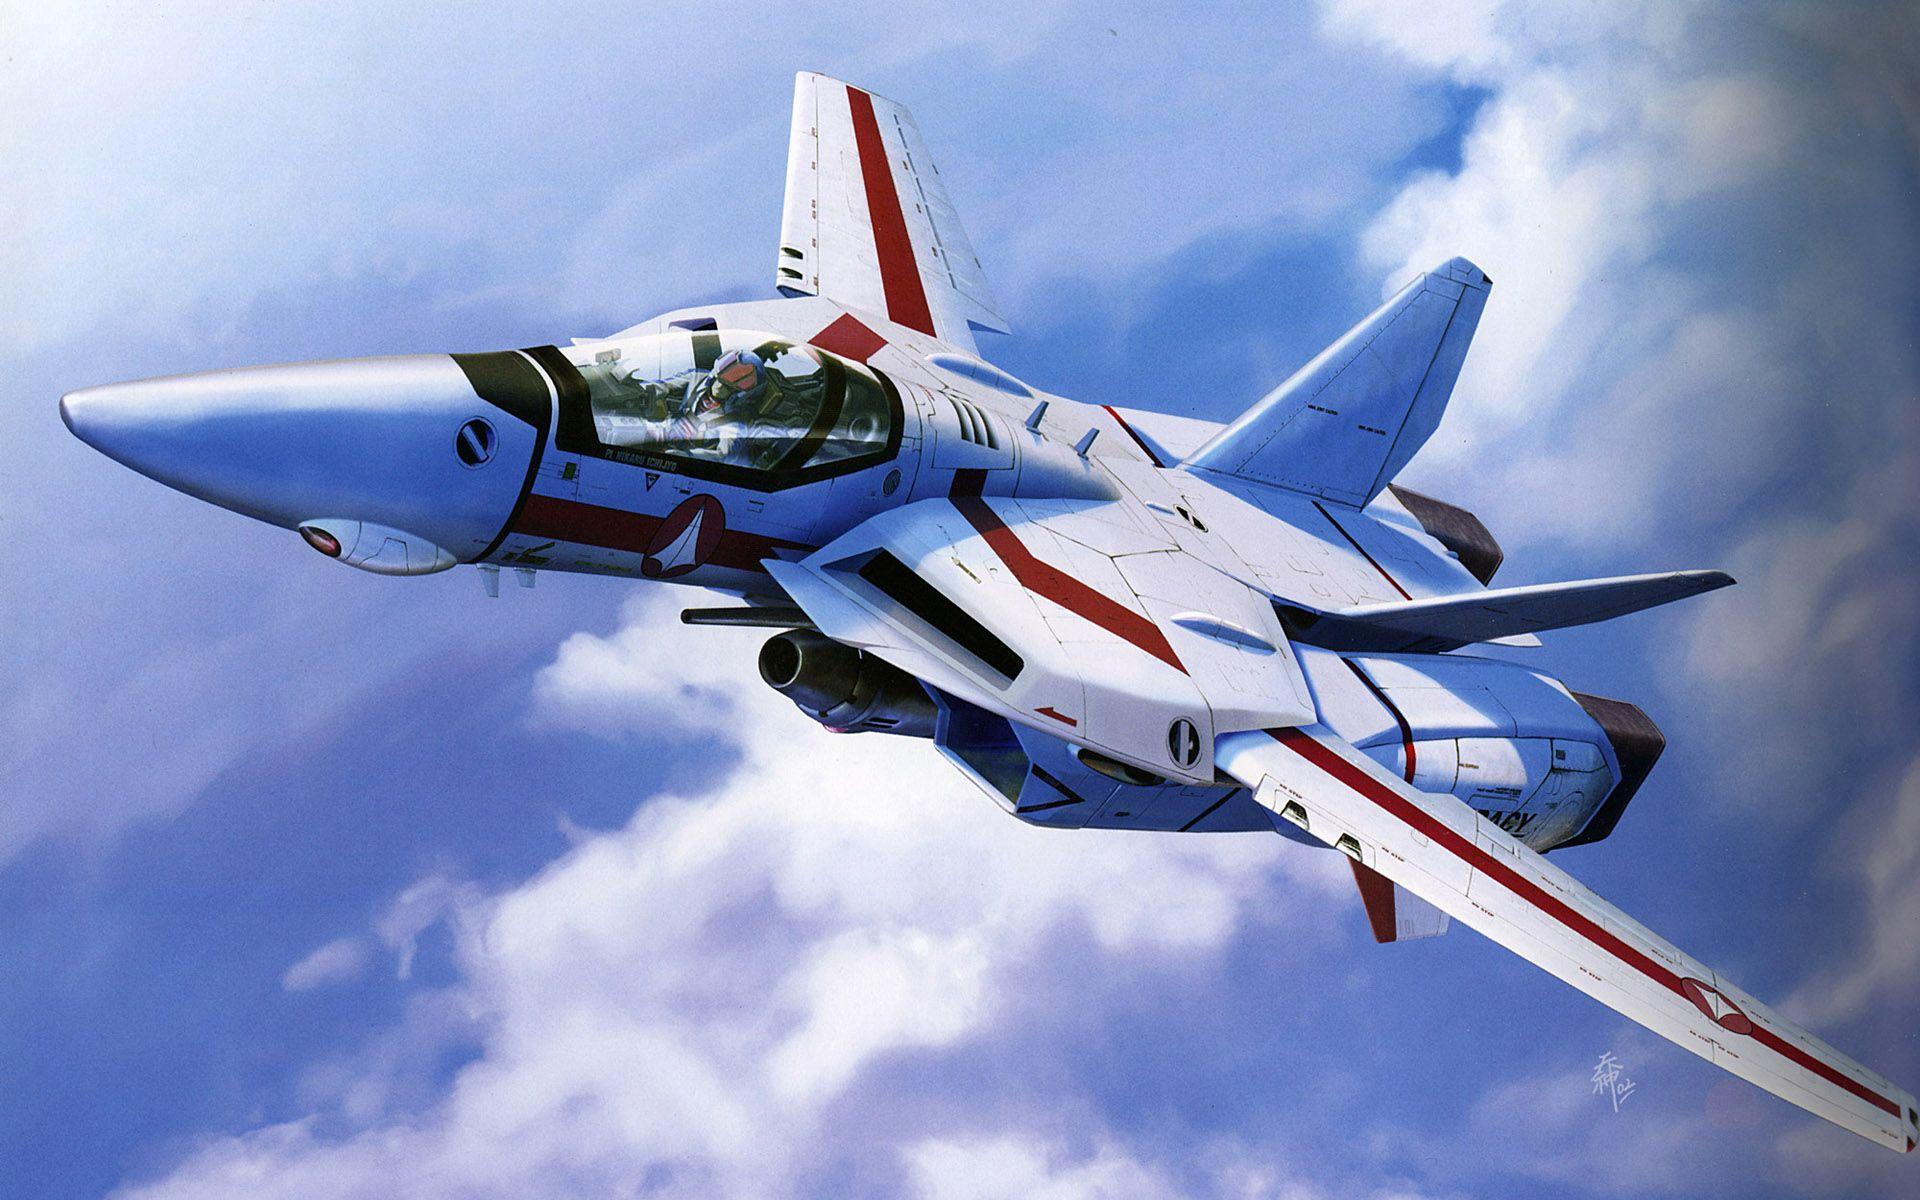 VF-1 Valkyrie